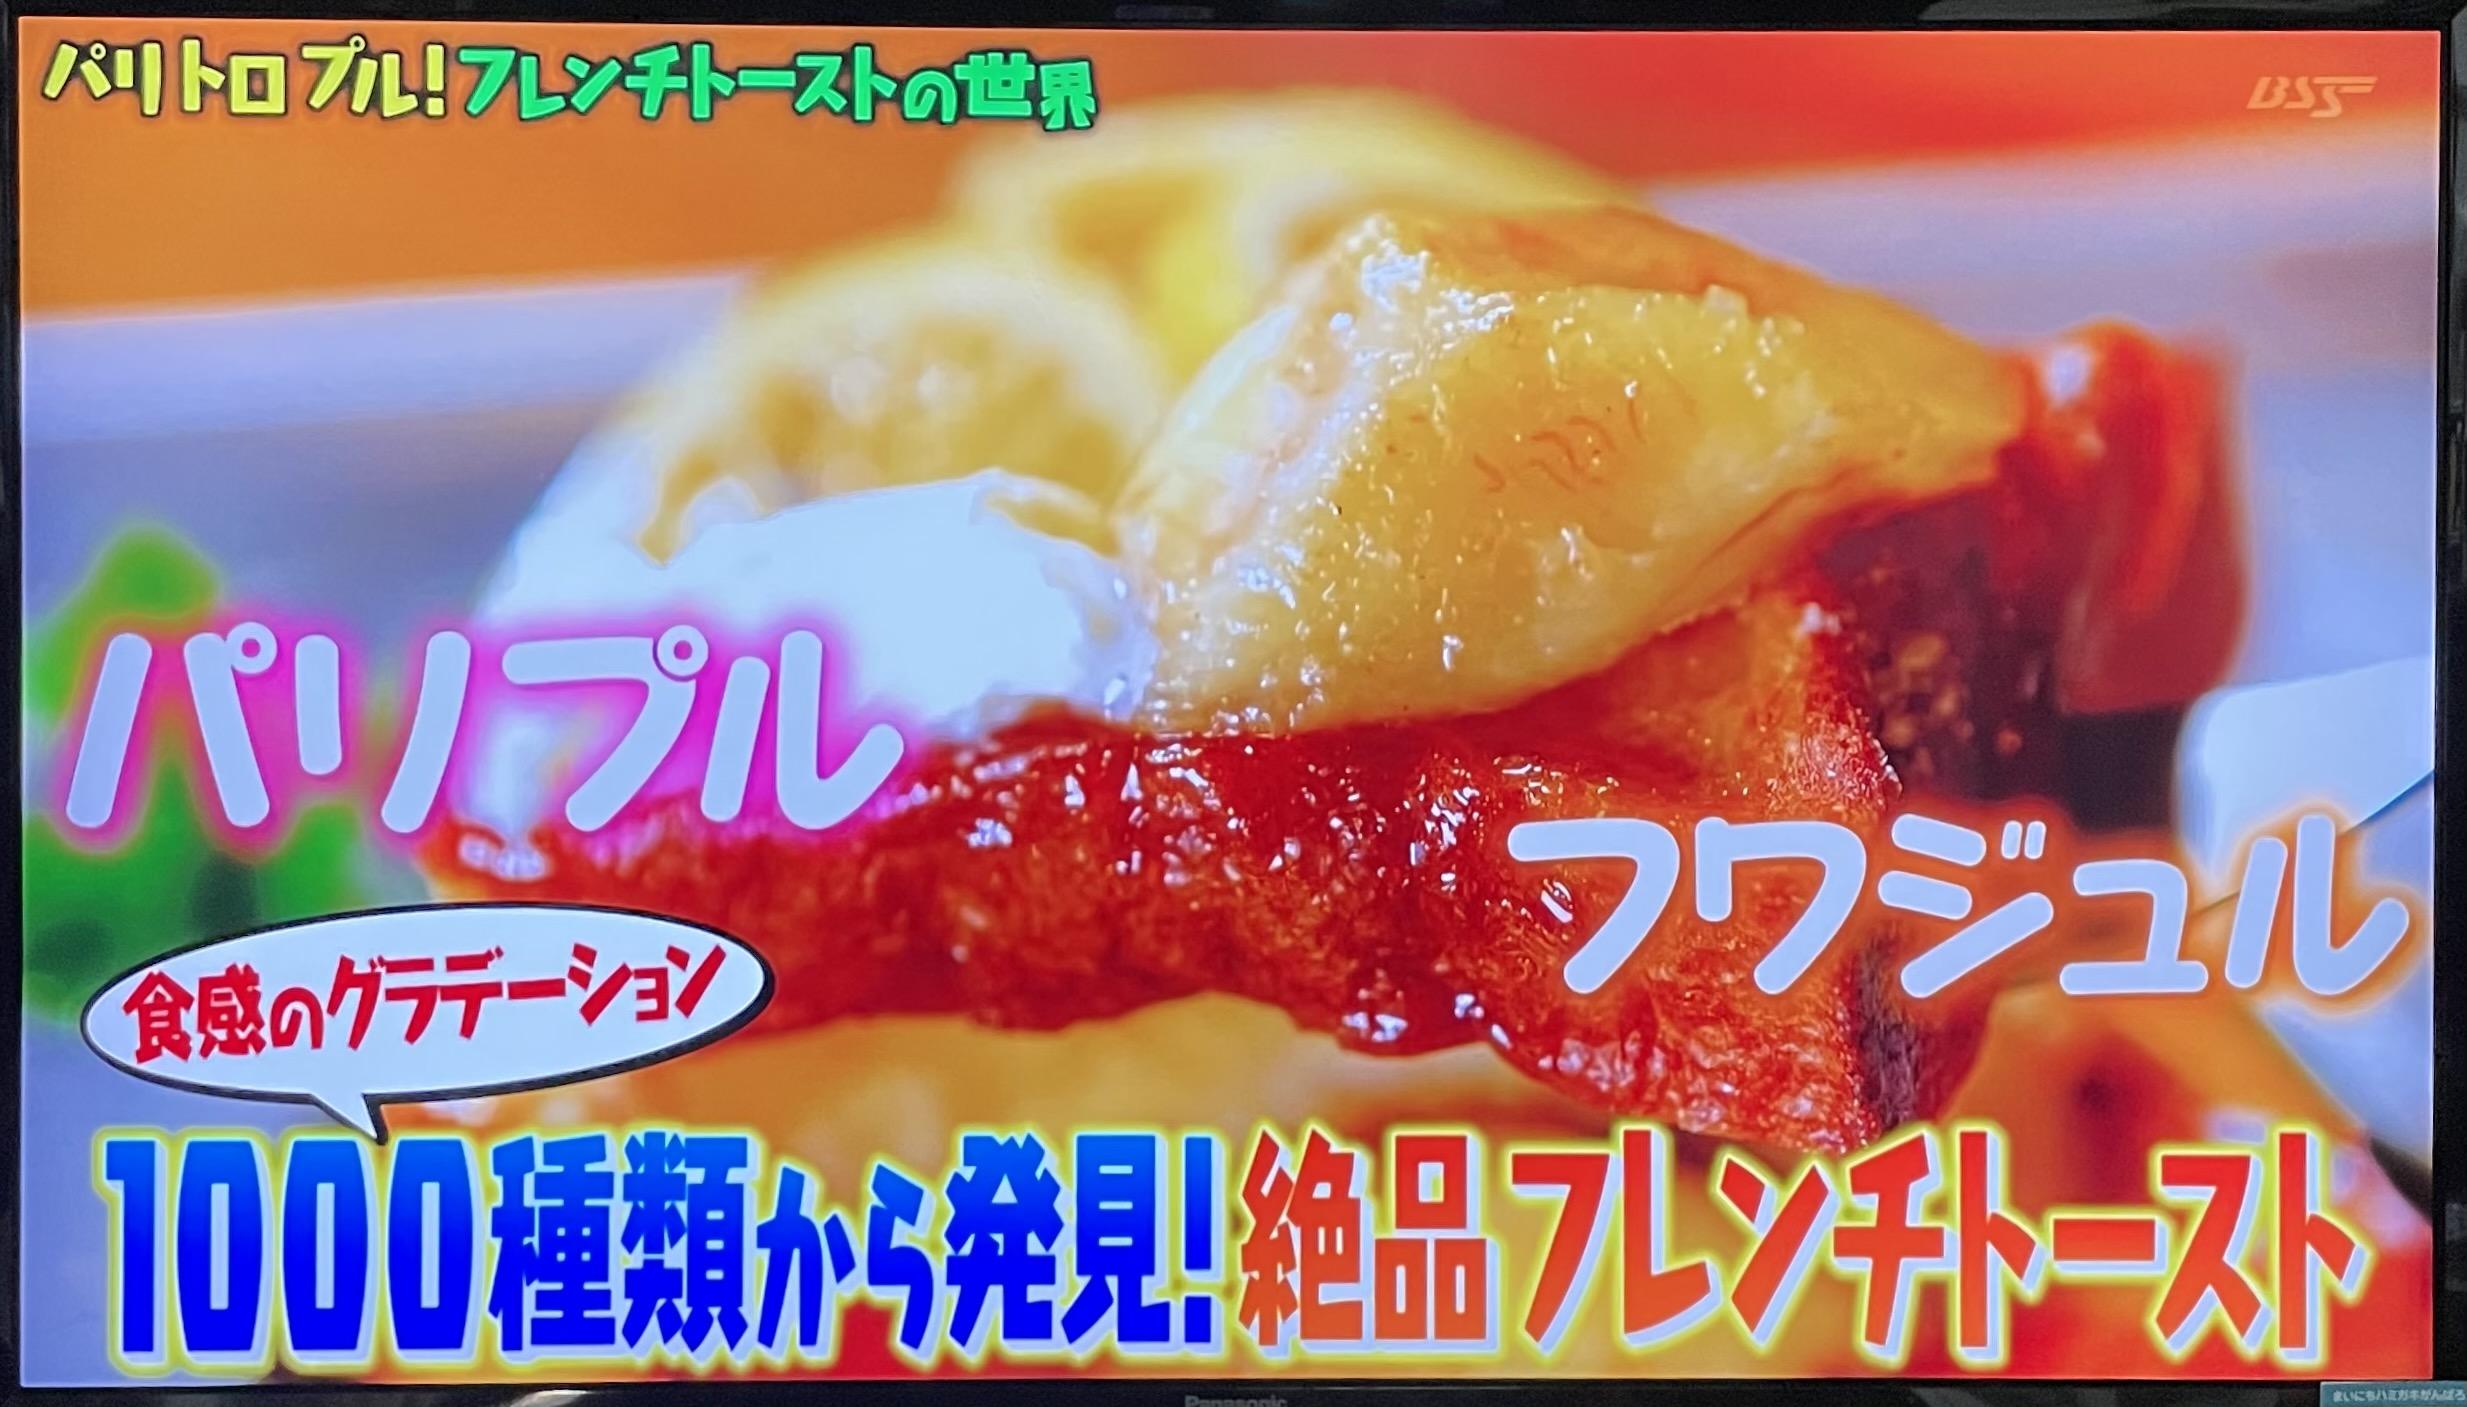 マツコの知らない世界 フレンチトーストの世界 フレンチトーストの世界 フレンチトースト せるくる お取り寄せ 通販